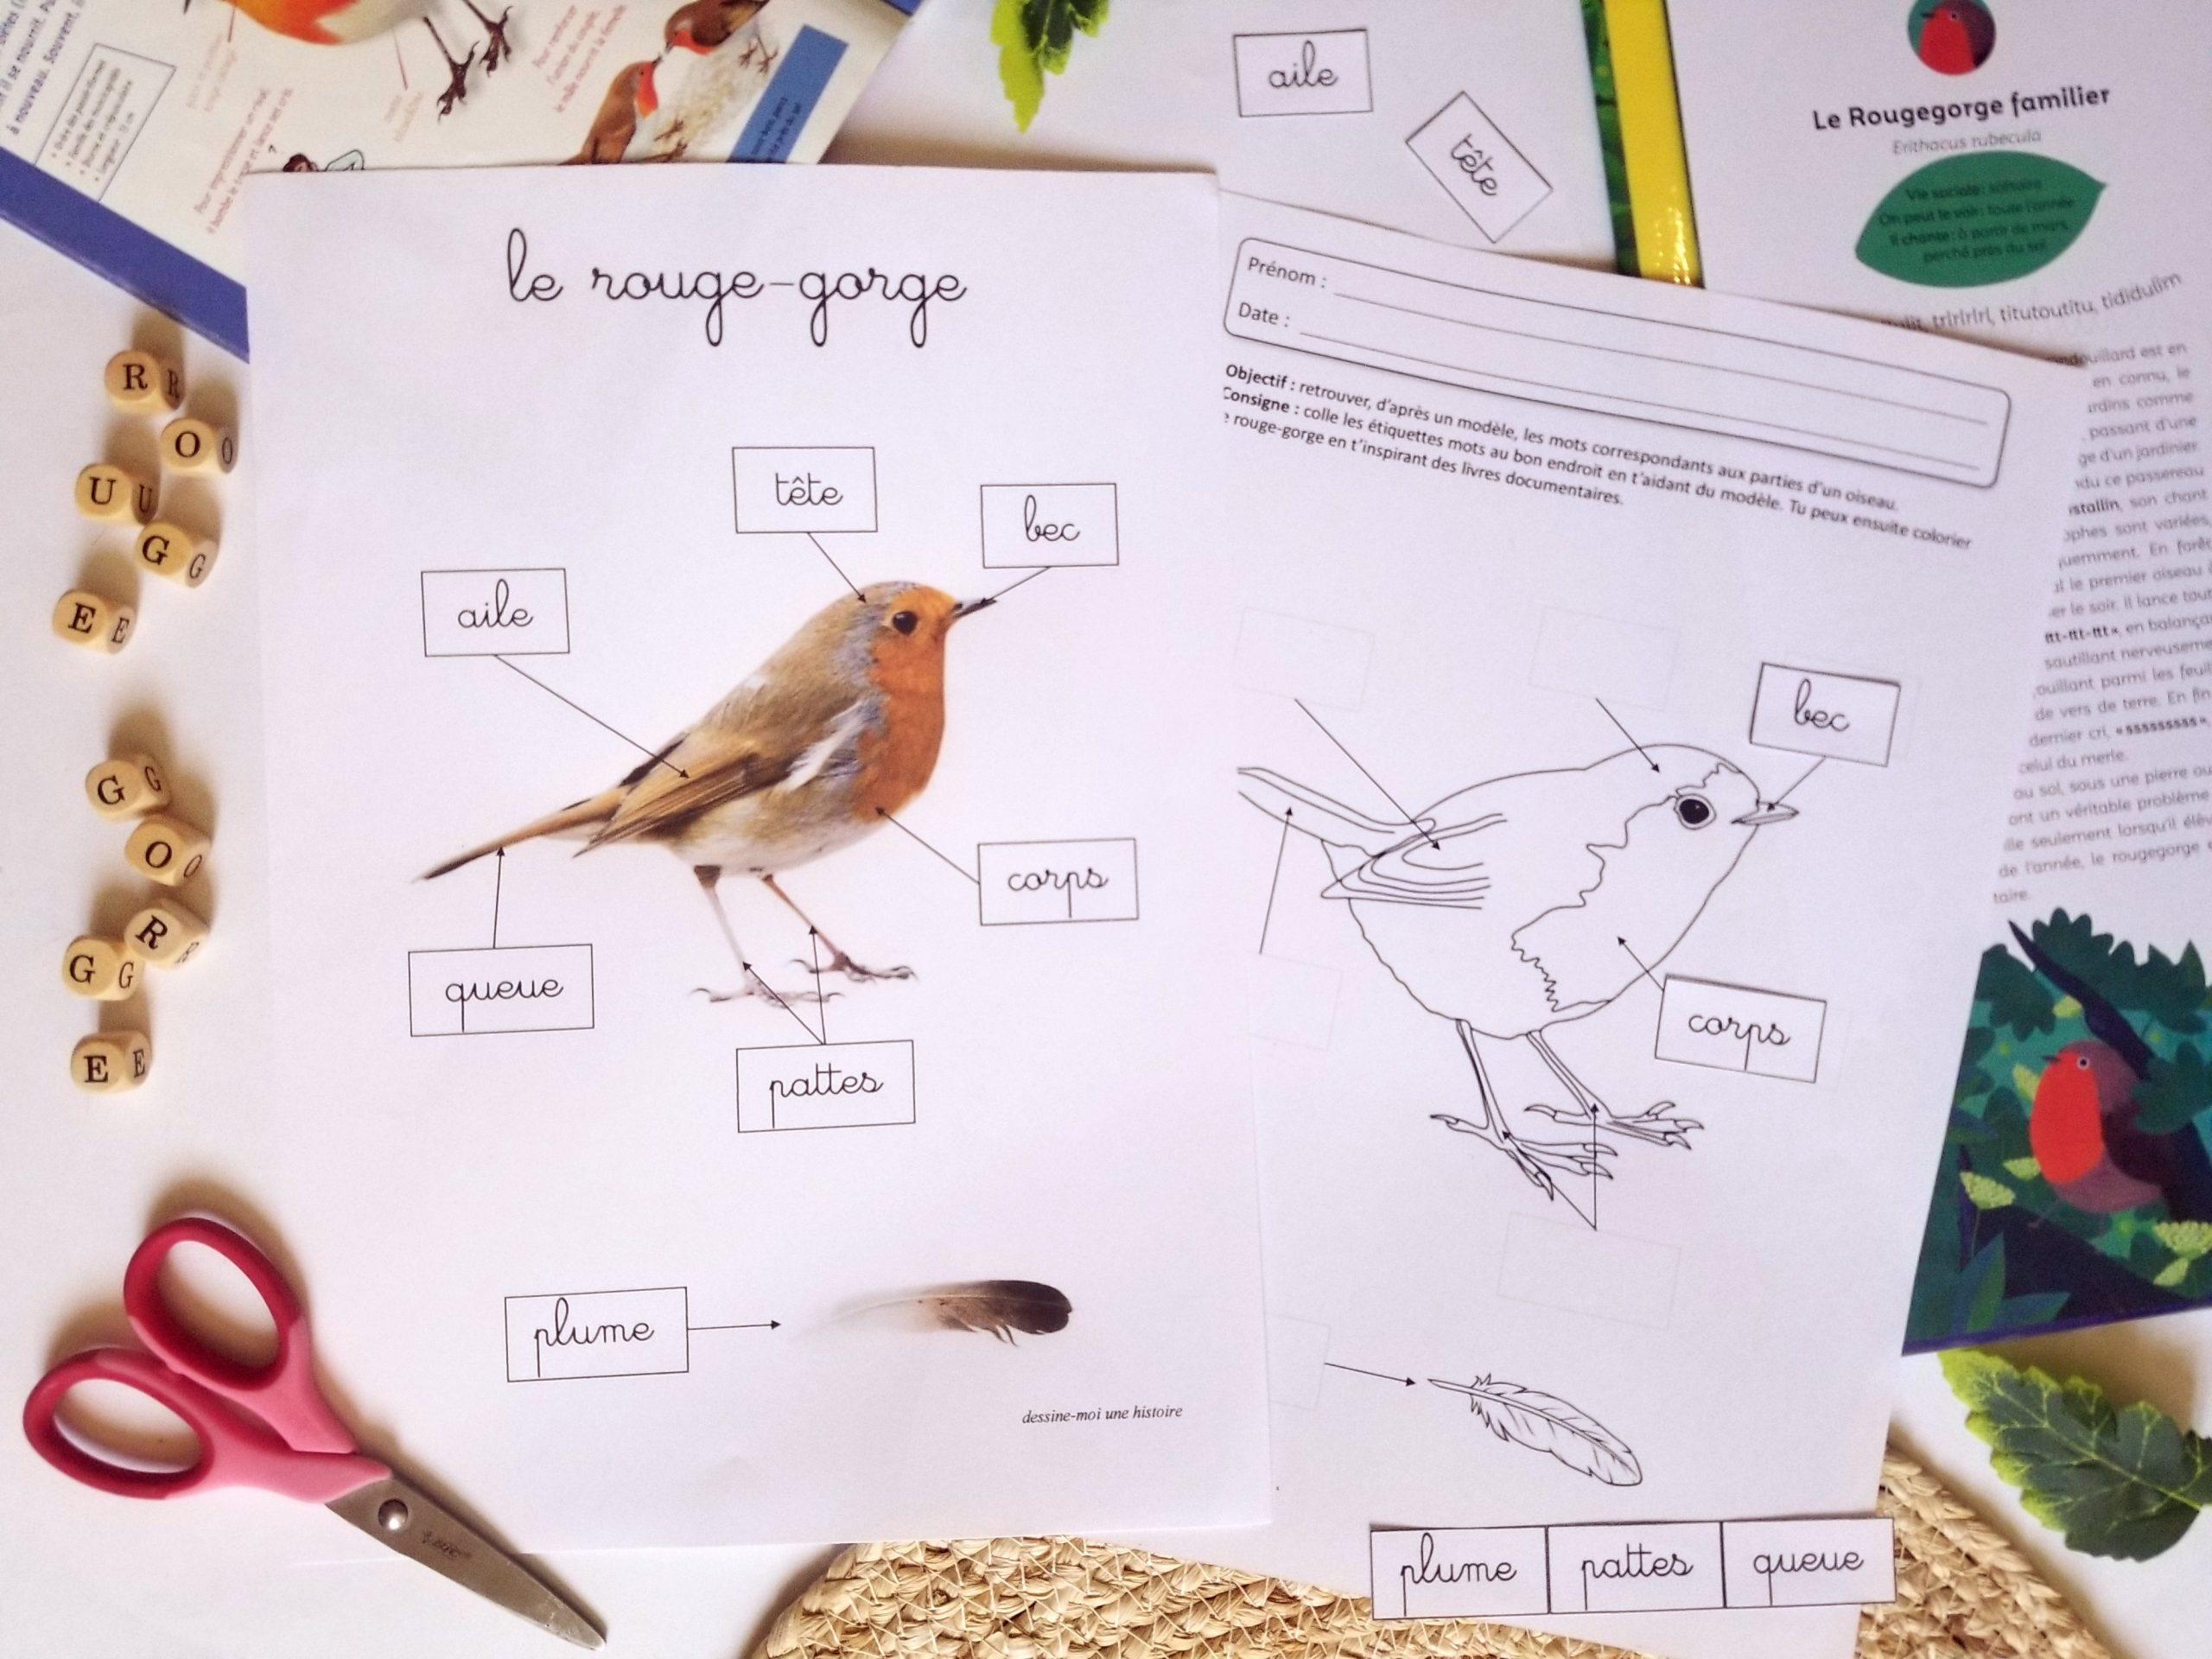 activité maternelle oiseau rouge-gorge, fiches pédagogiques sur les oiseaux